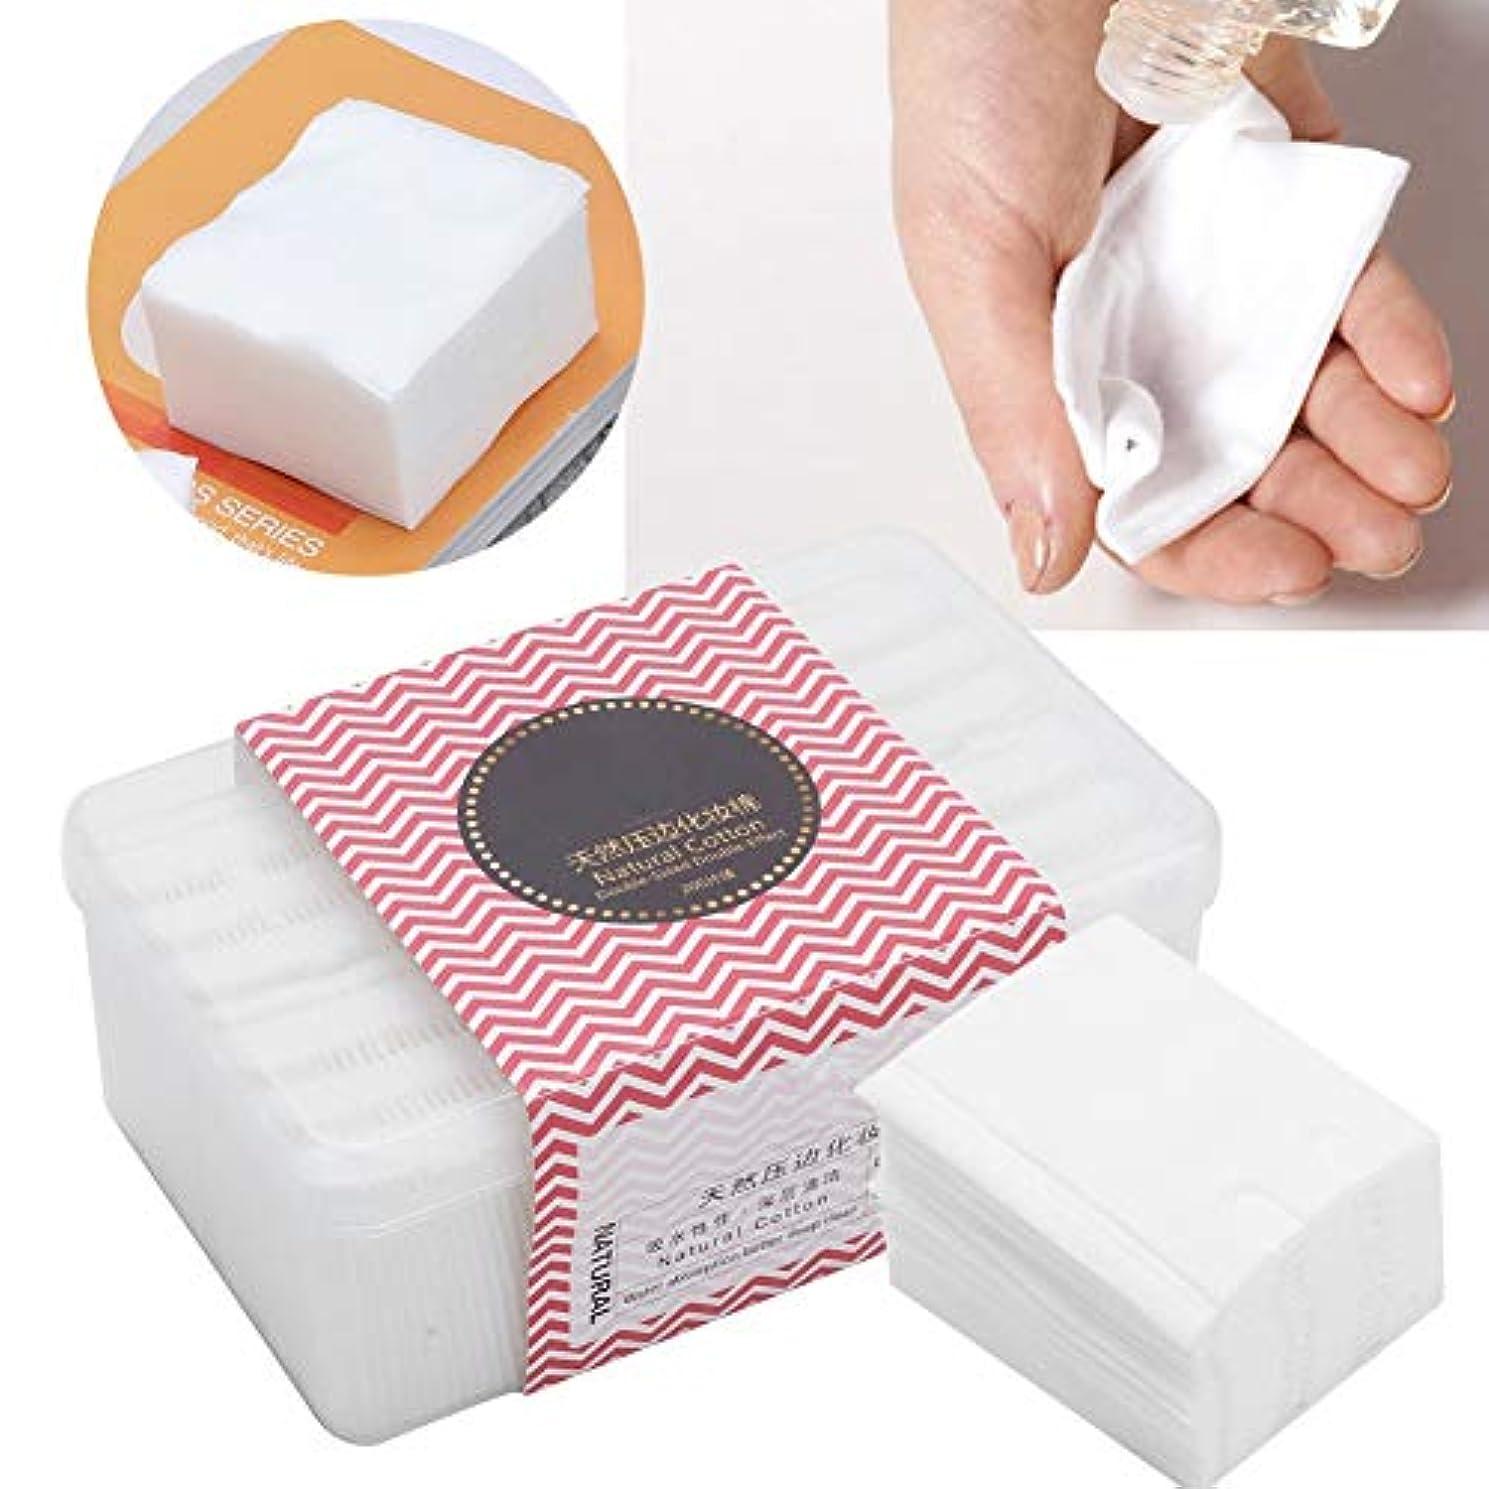 カウンターパート突進鋭く使い捨て化粧パッド メイク 200枚セット 化粧品リムーバークリーニングワイプ